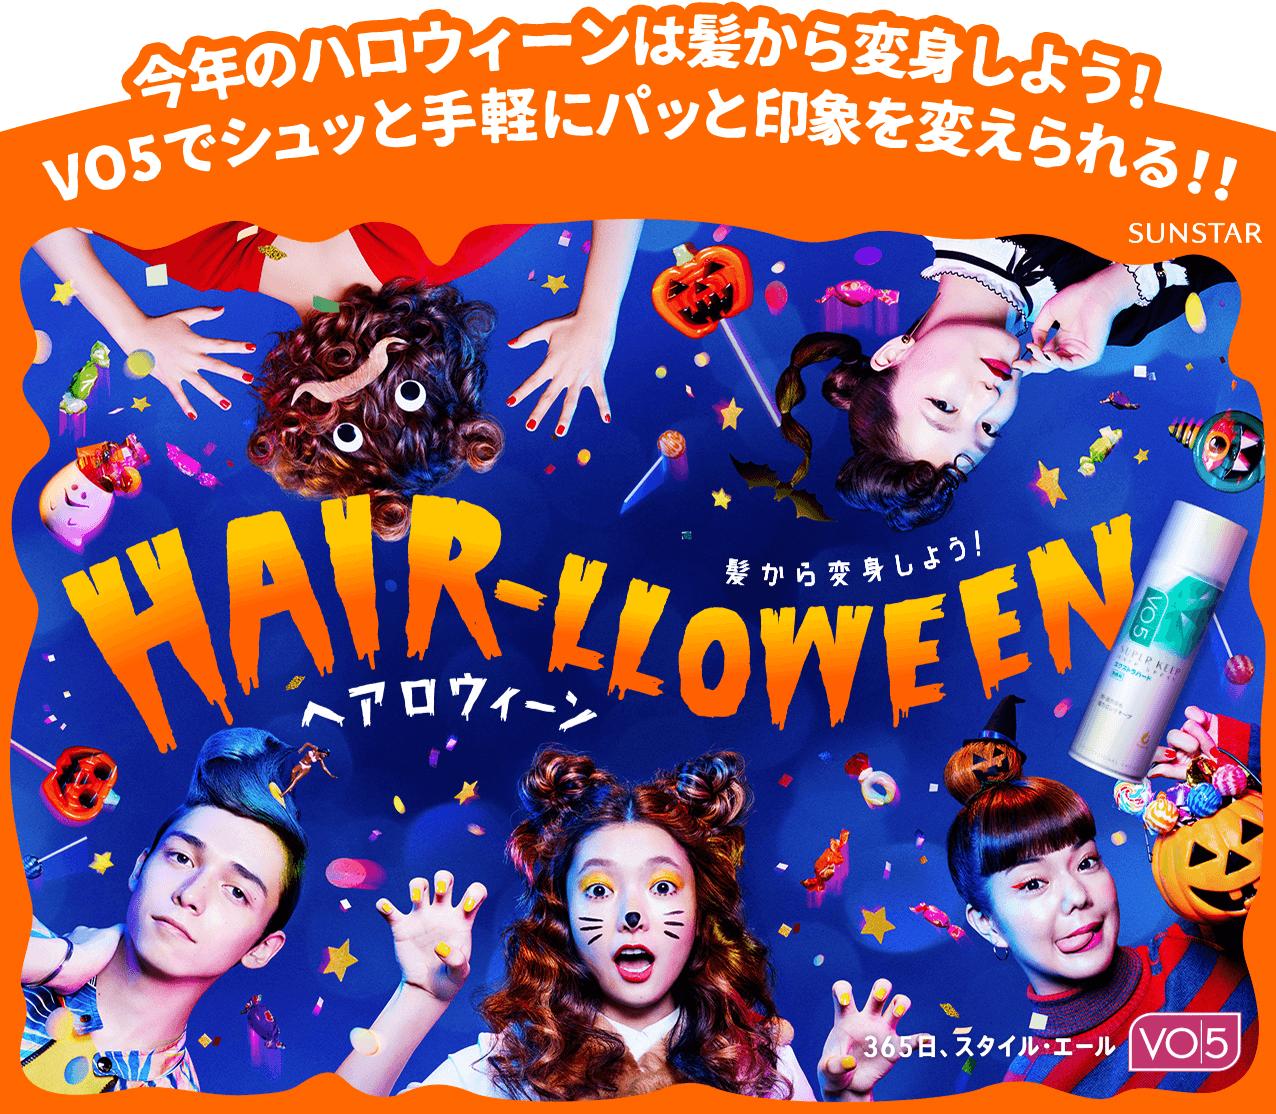 今年のハロウィーンは髪から変身しよう!VO5でシュッと手軽にパッと印象を変えられる!!